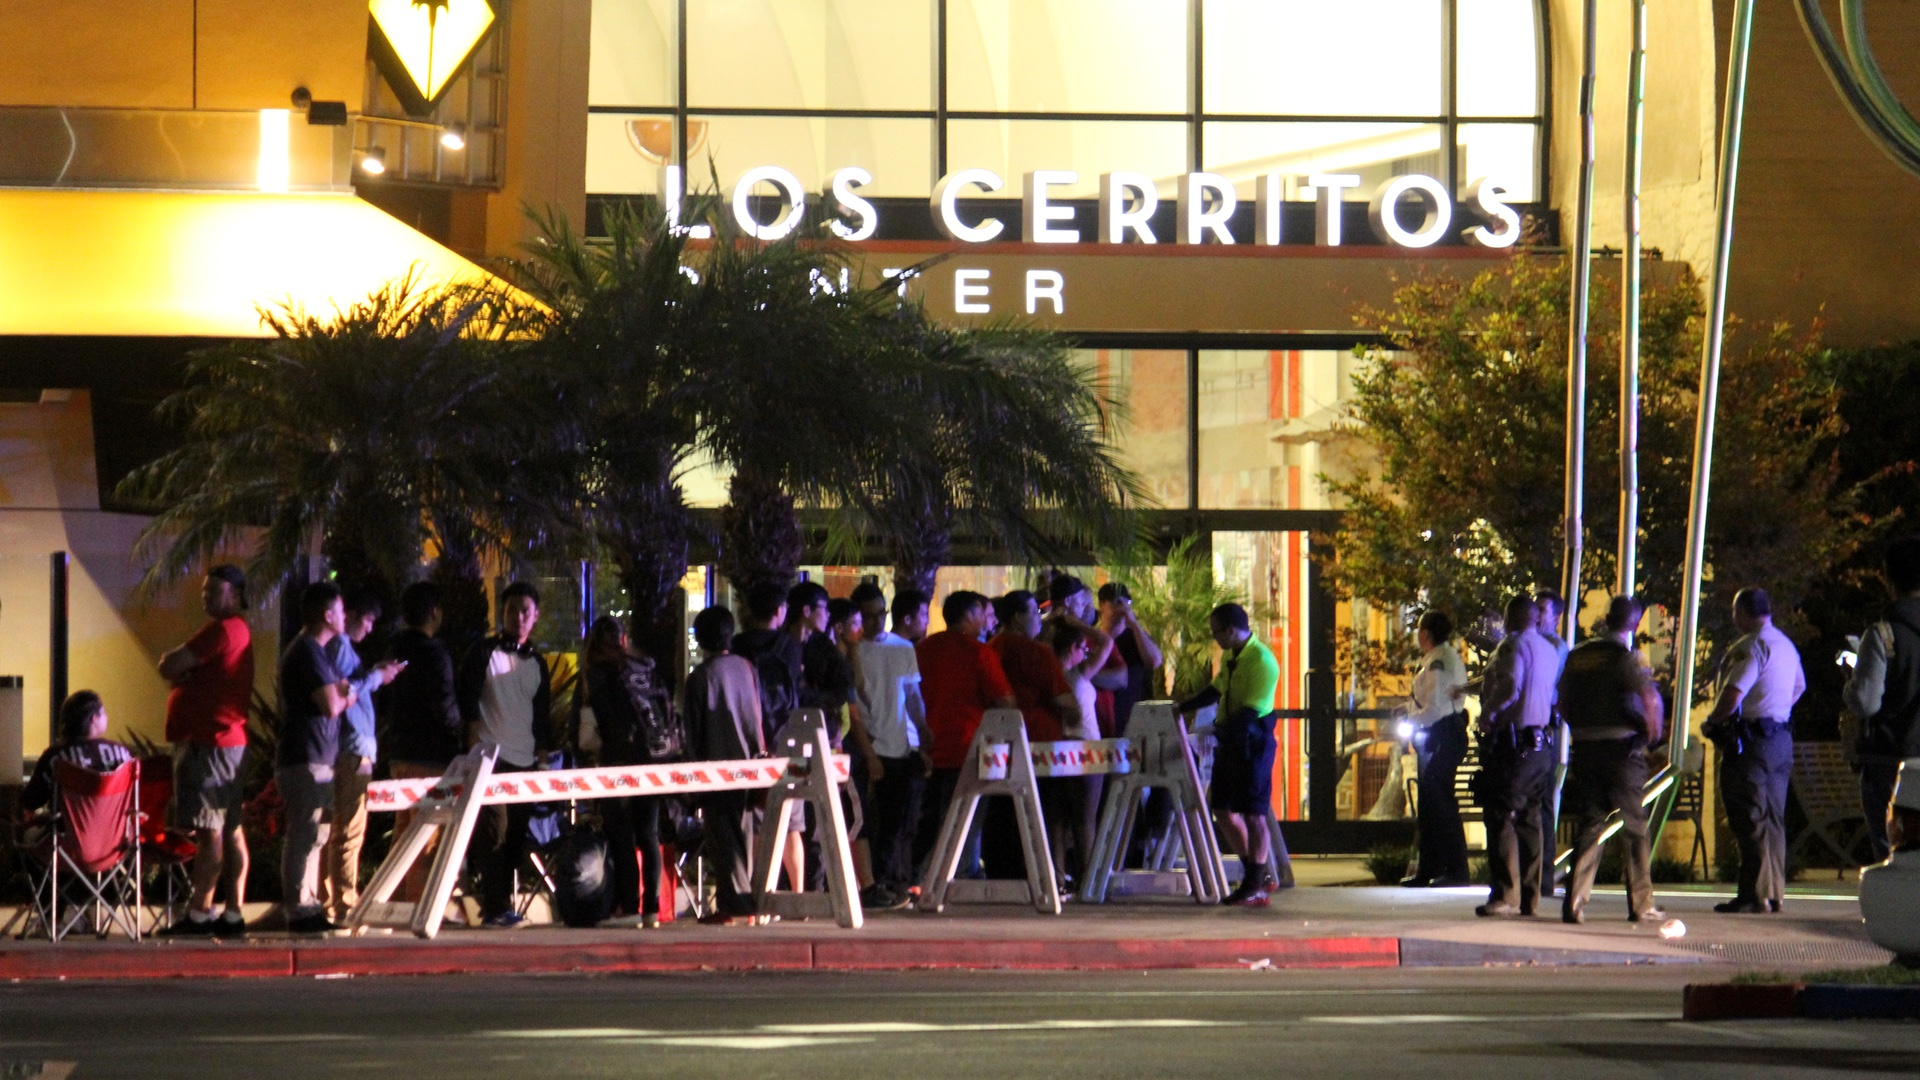 Apple Store Los Cerritos Center, iPhone 6 and iPhone 6 Plus